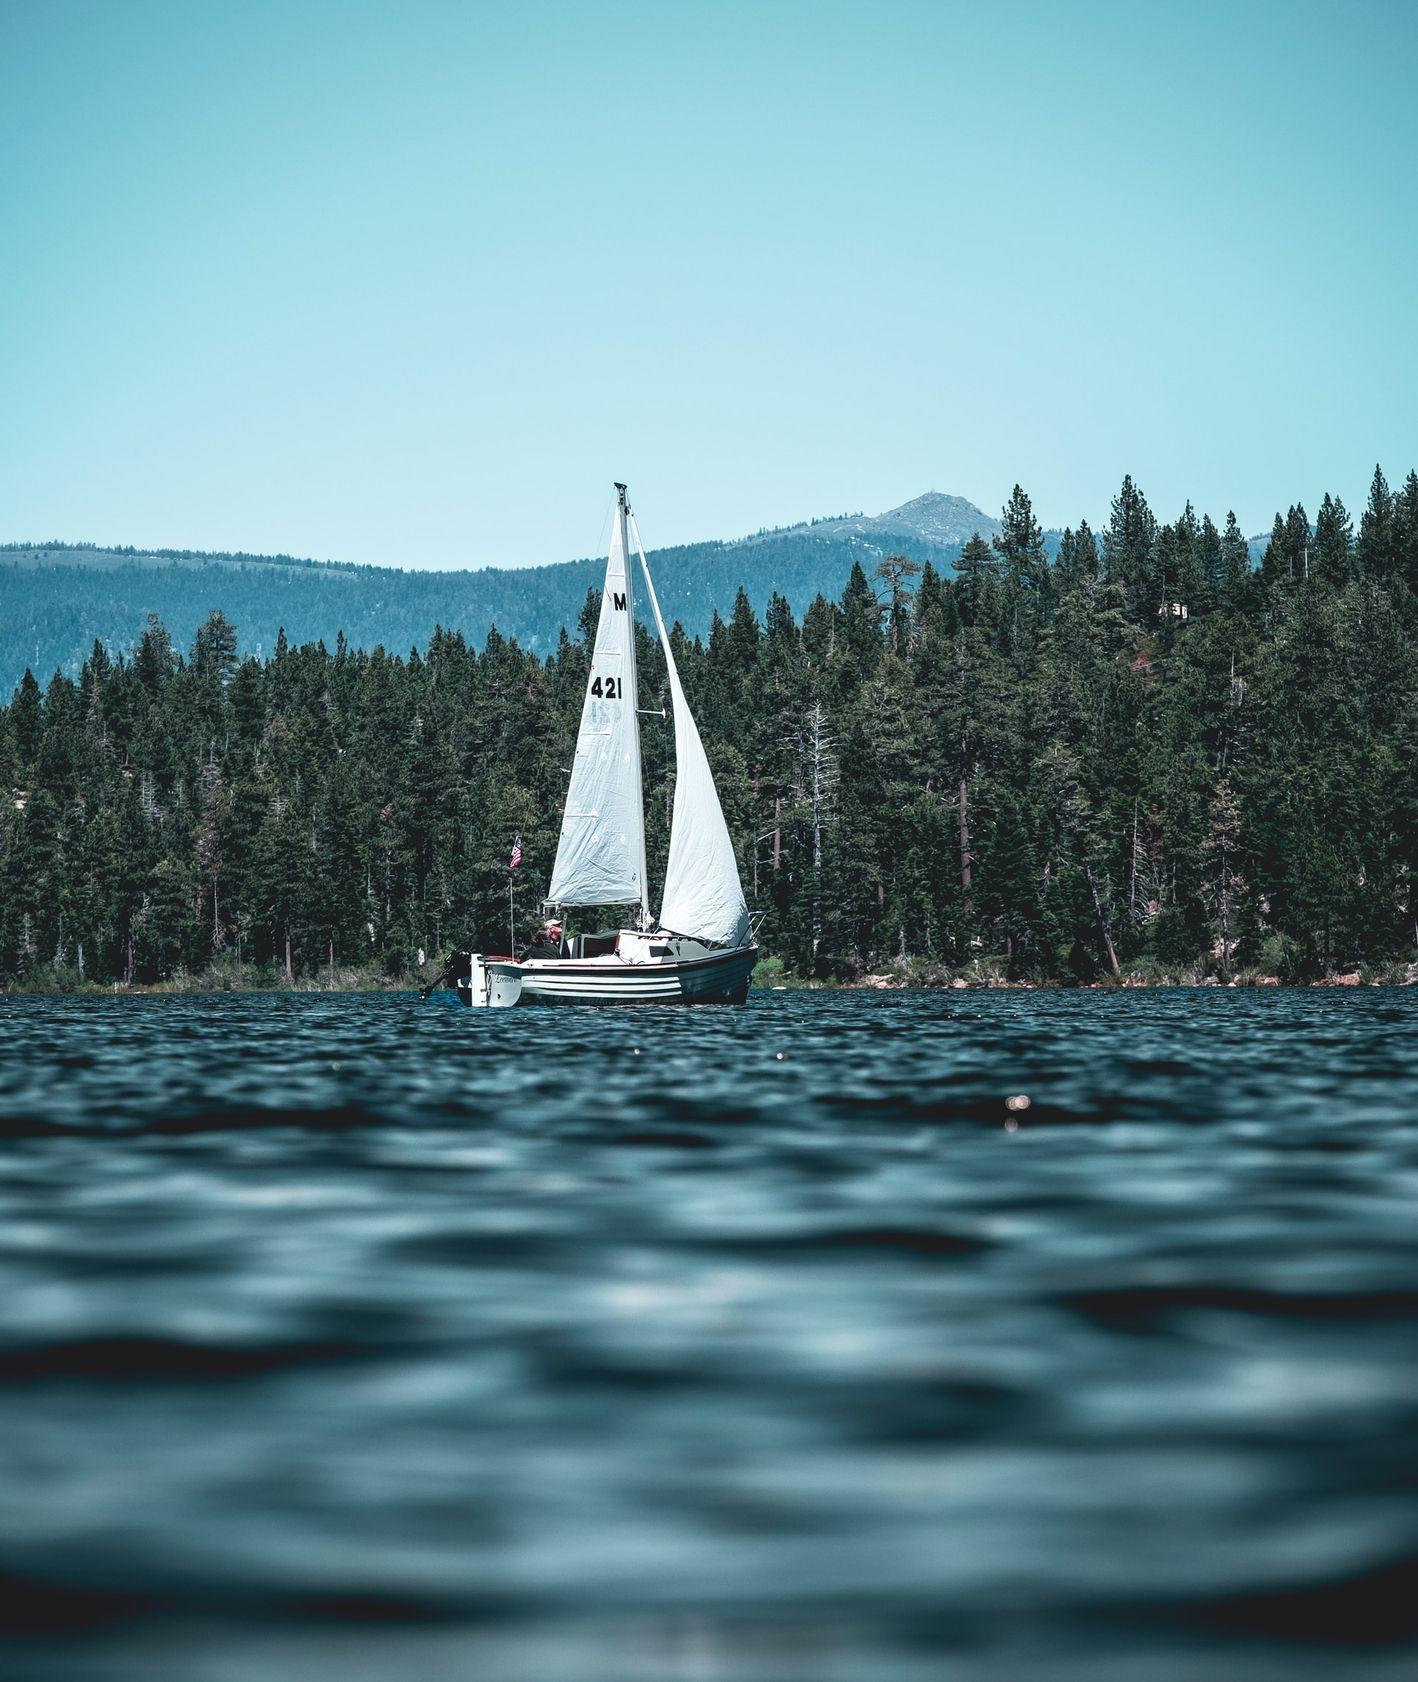 Żaglówka z białym żaglem na jeziorze (fot. Chris Maestas / unsplash.com)